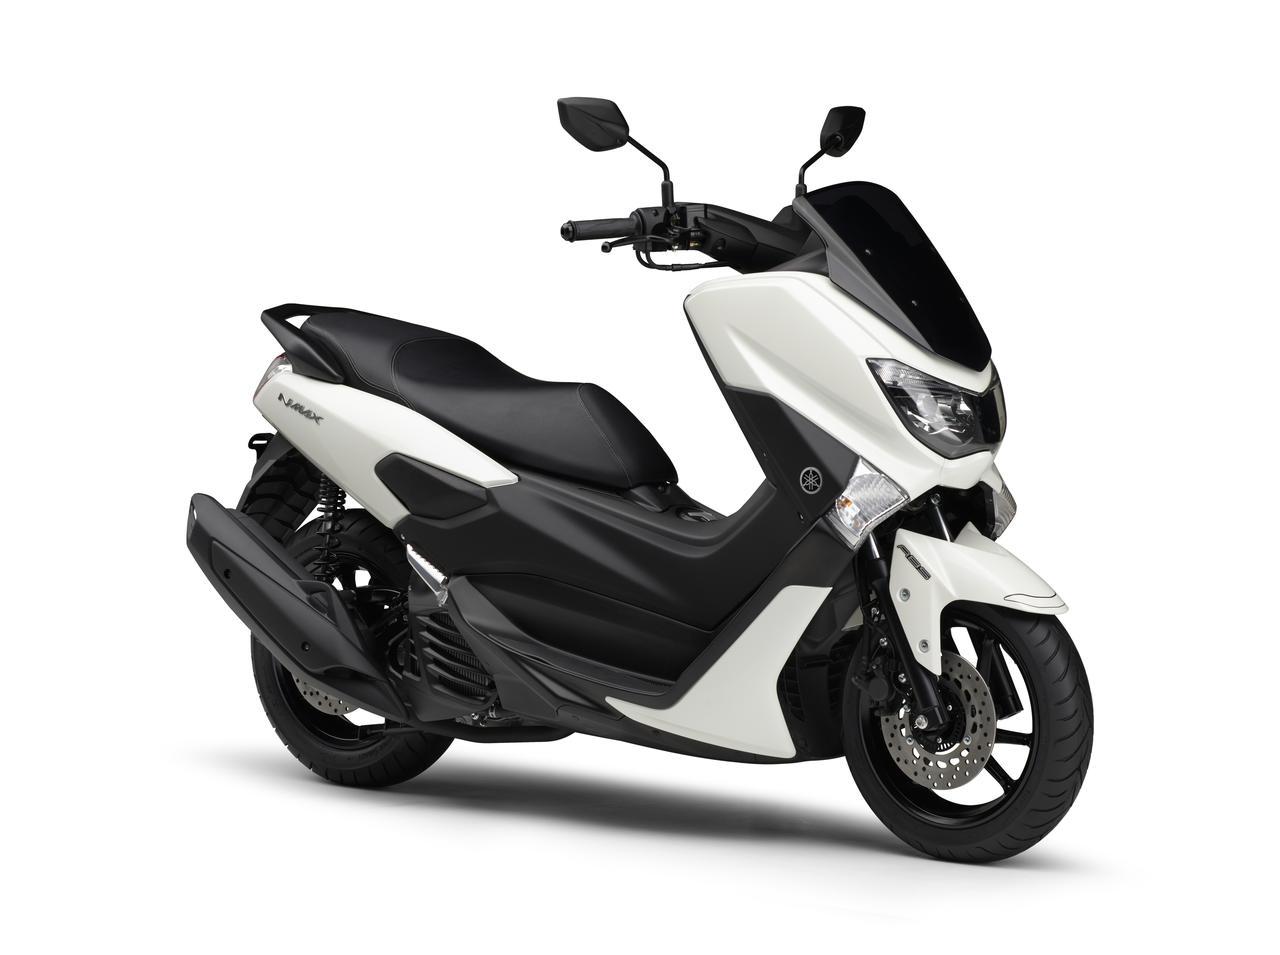 画像14: ヤマハ「NMAX ABS」(2020年)解説&試乗インプレ|YAMAHAで最も高価な125cc二輪スクーターの魅力とは?